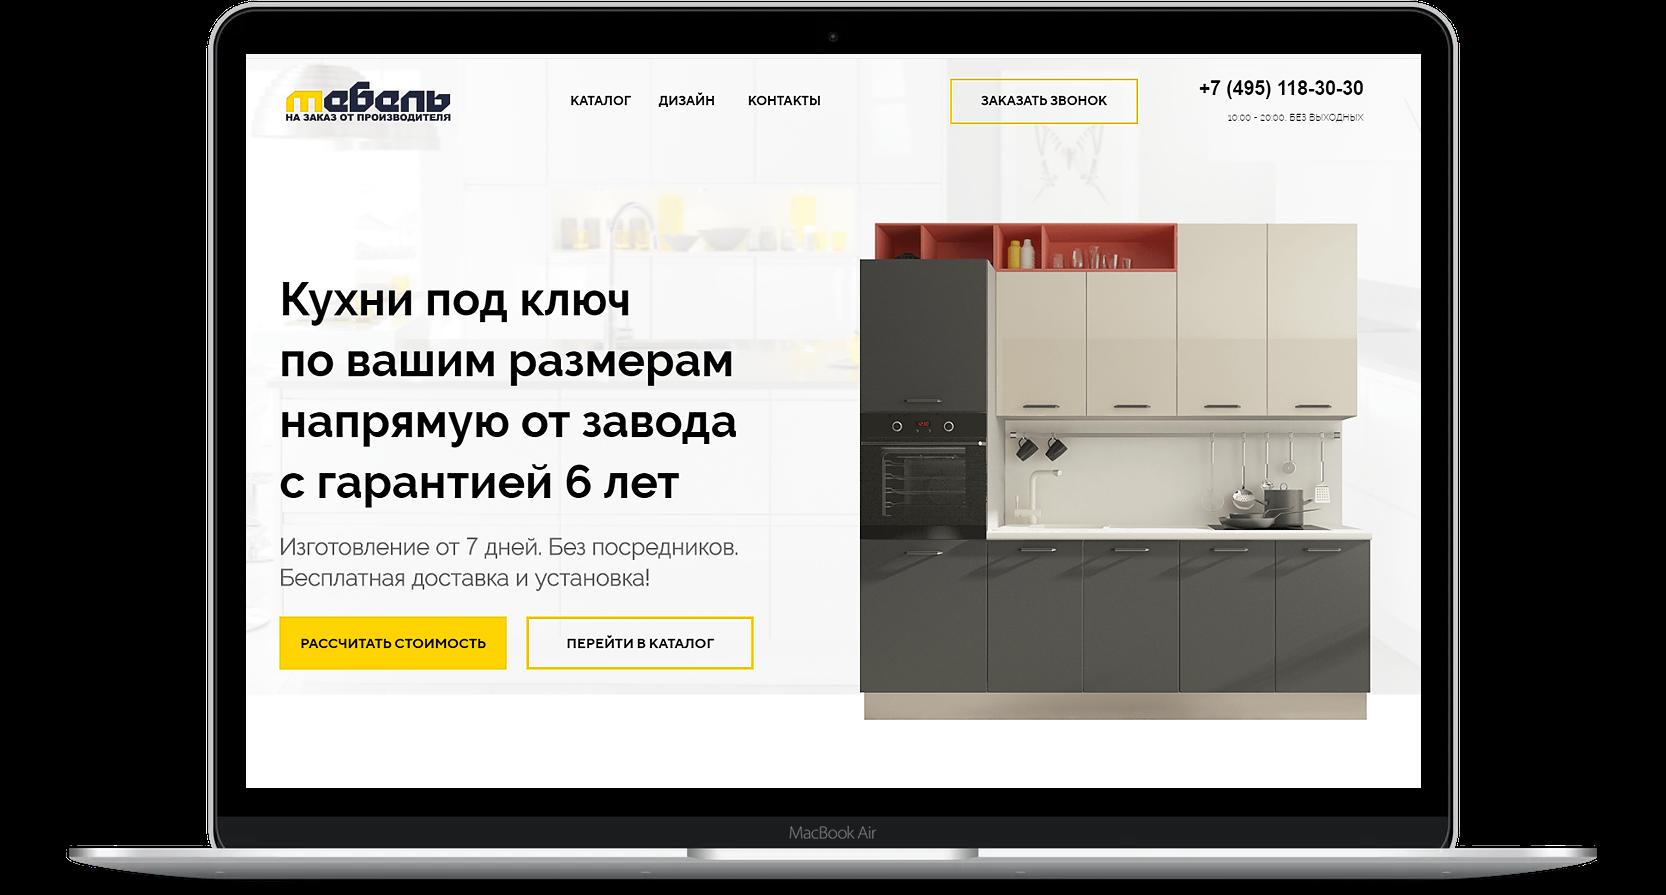 Сайт по продаже кухонь под ключ